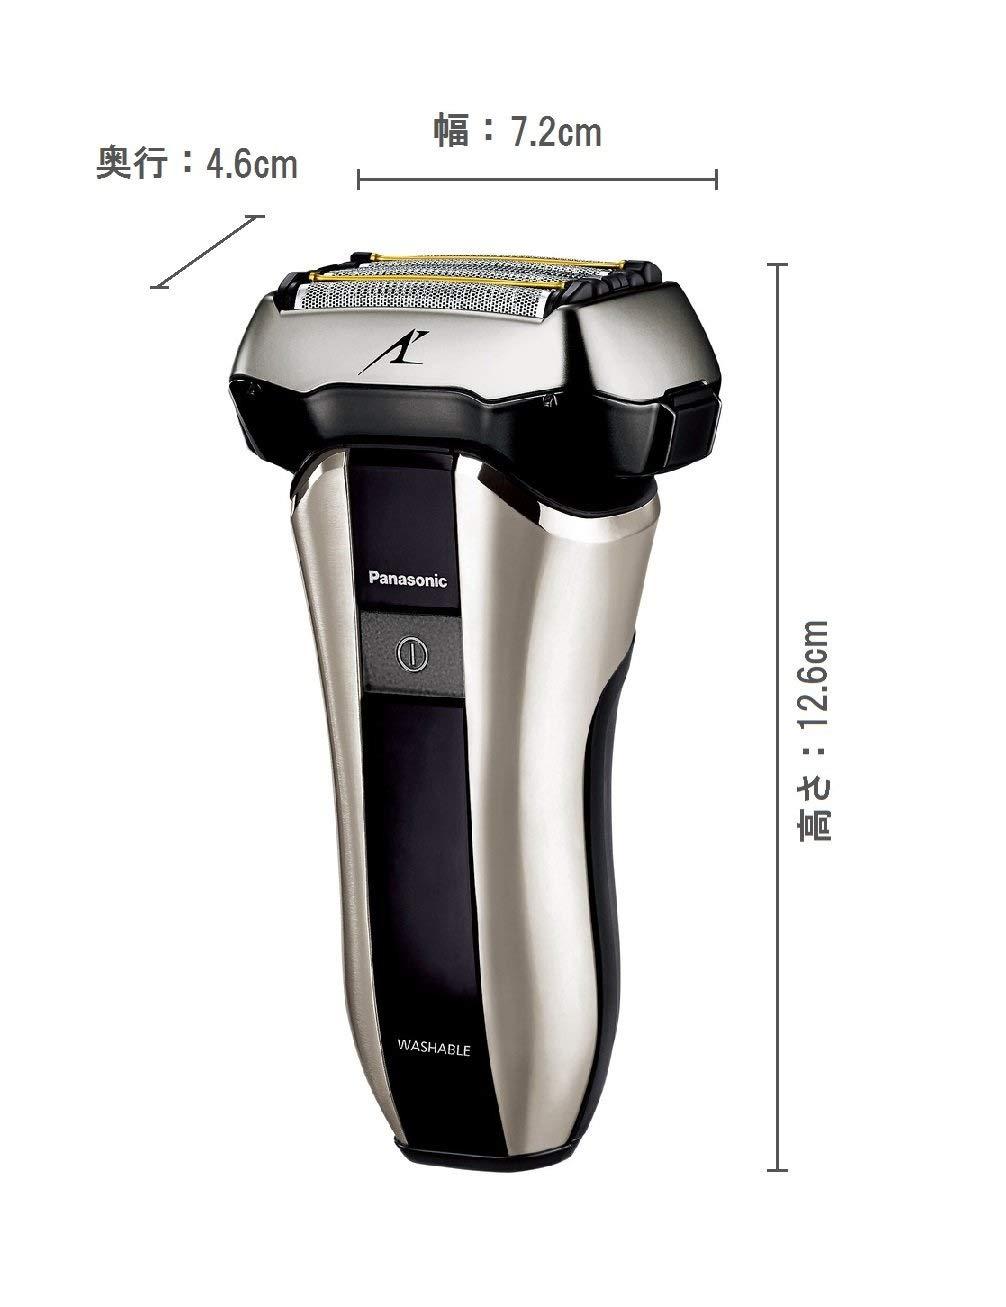 嘉頓國際 國際牌 PANASONIC 日本製【ES-CV70】三段電量顯示 五刀片  國際電壓 電鬍刀 水洗 3